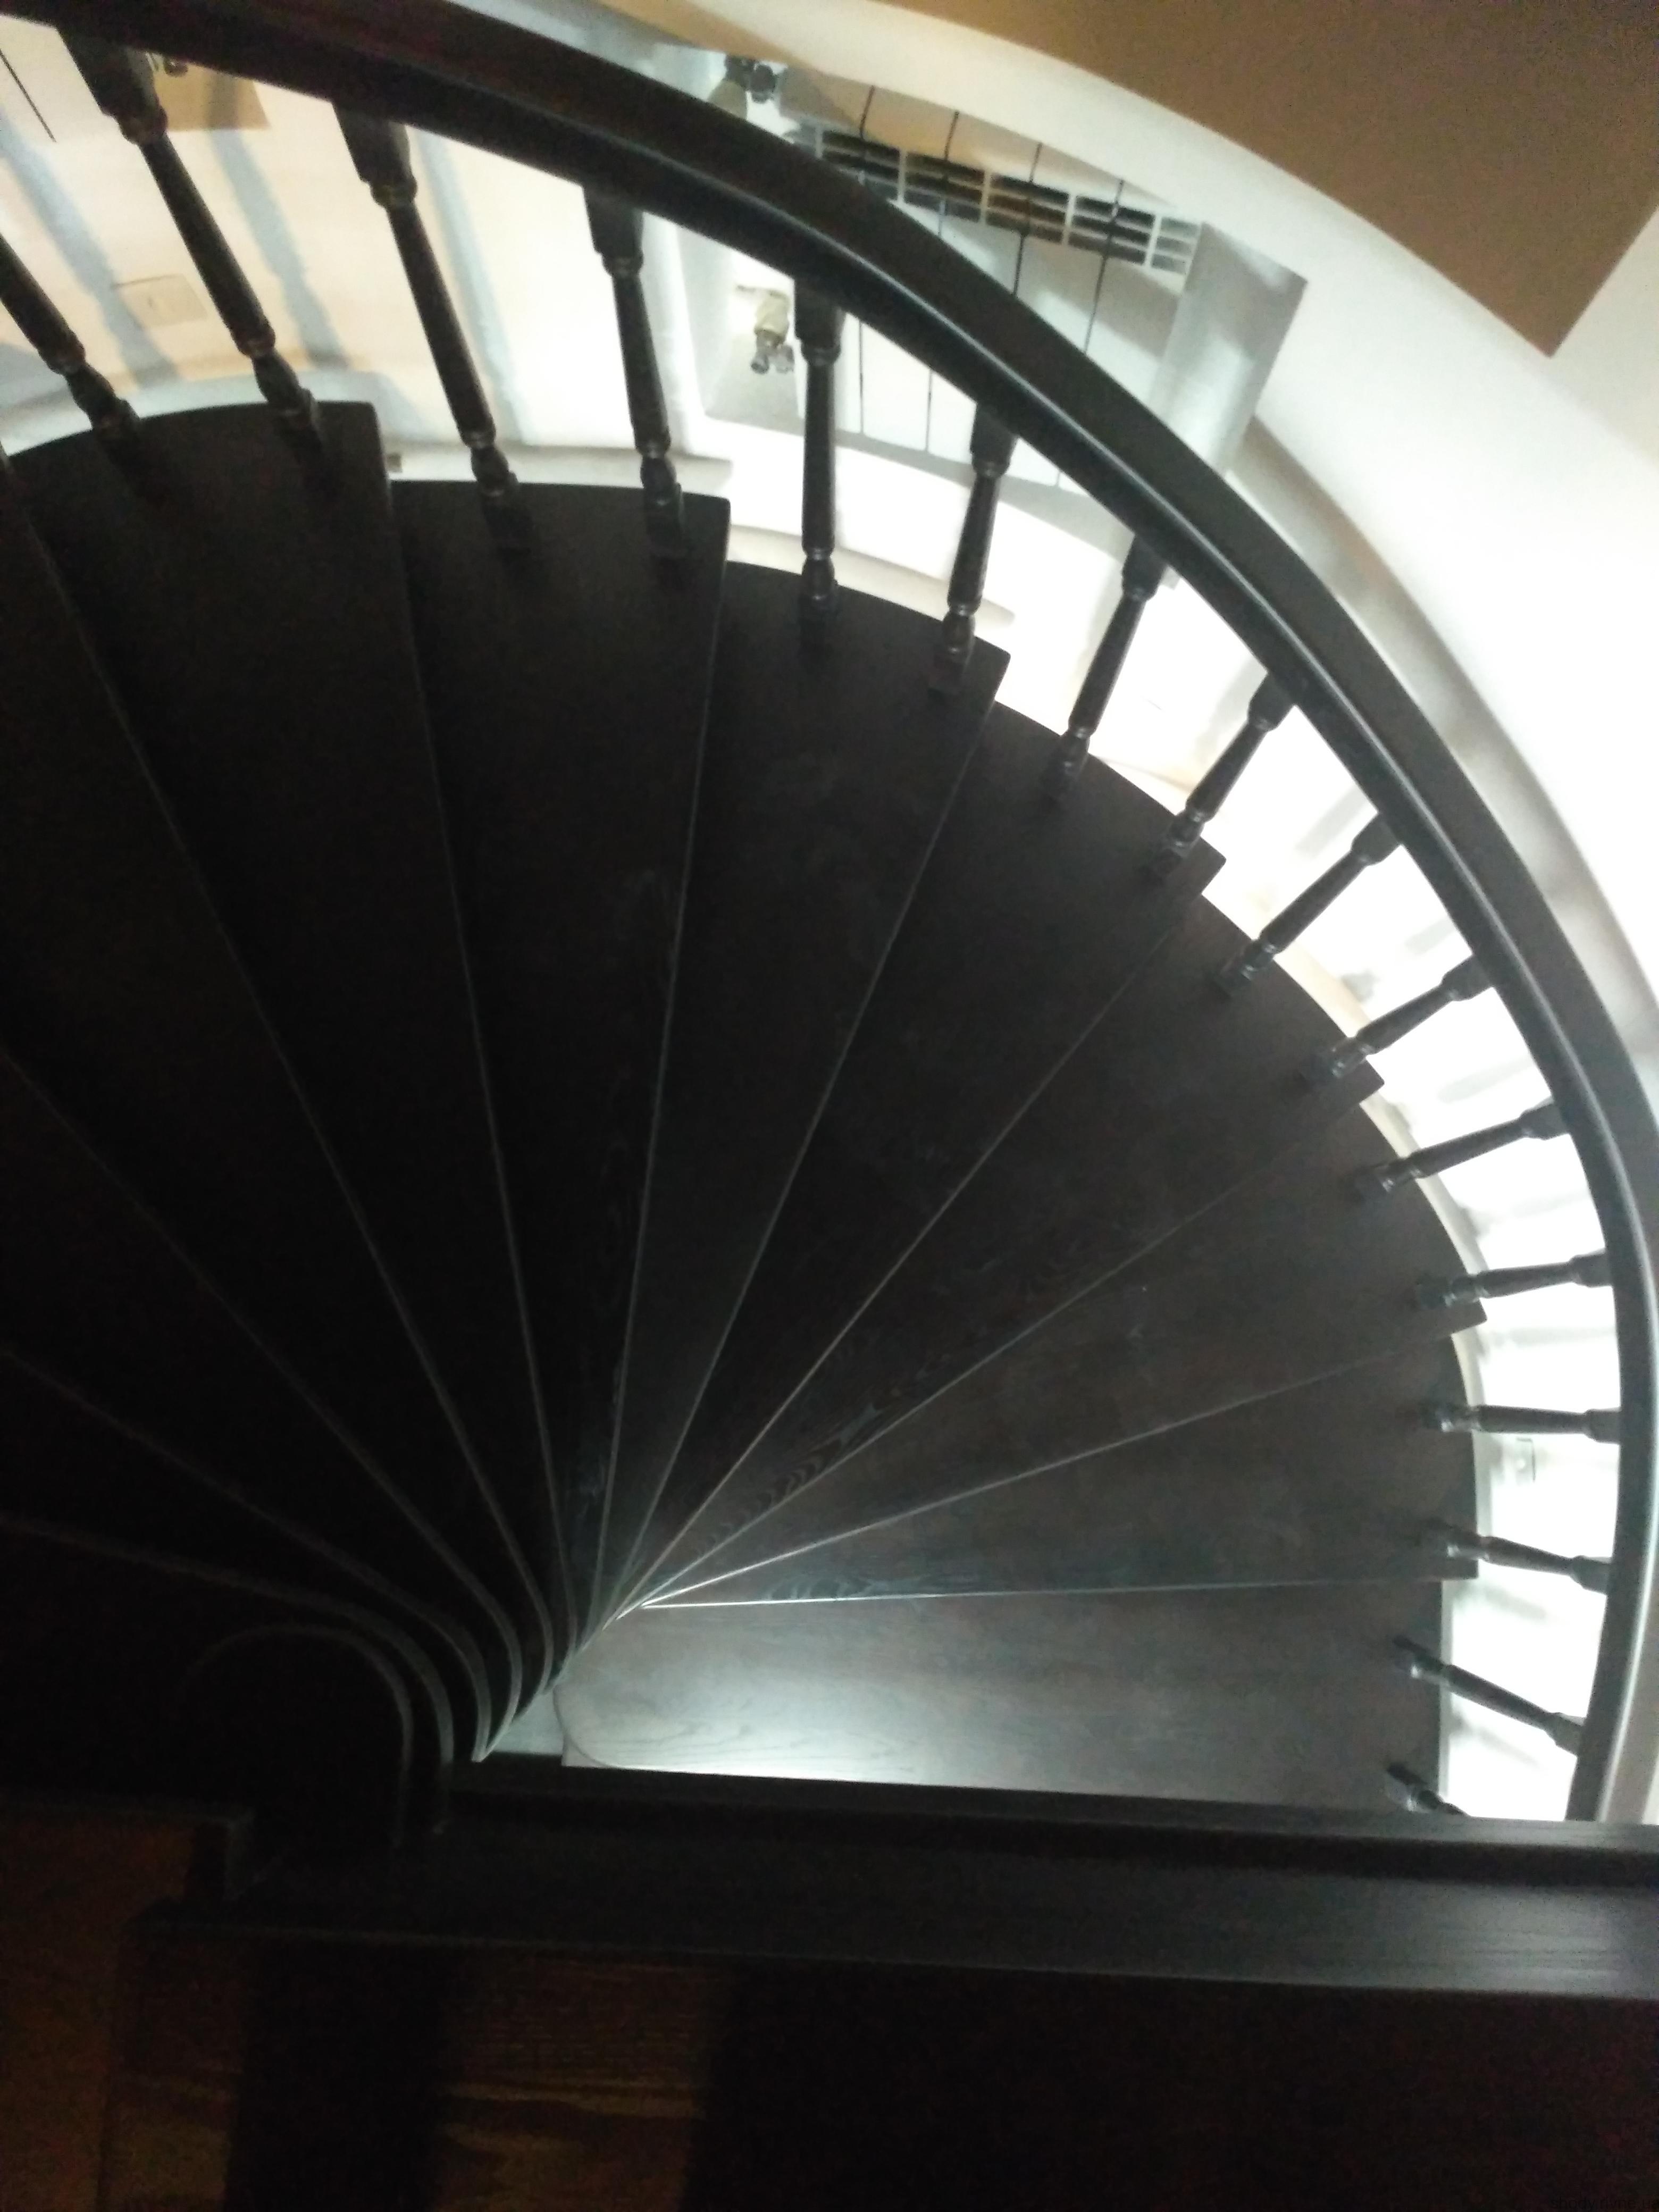 сходи гвинтові